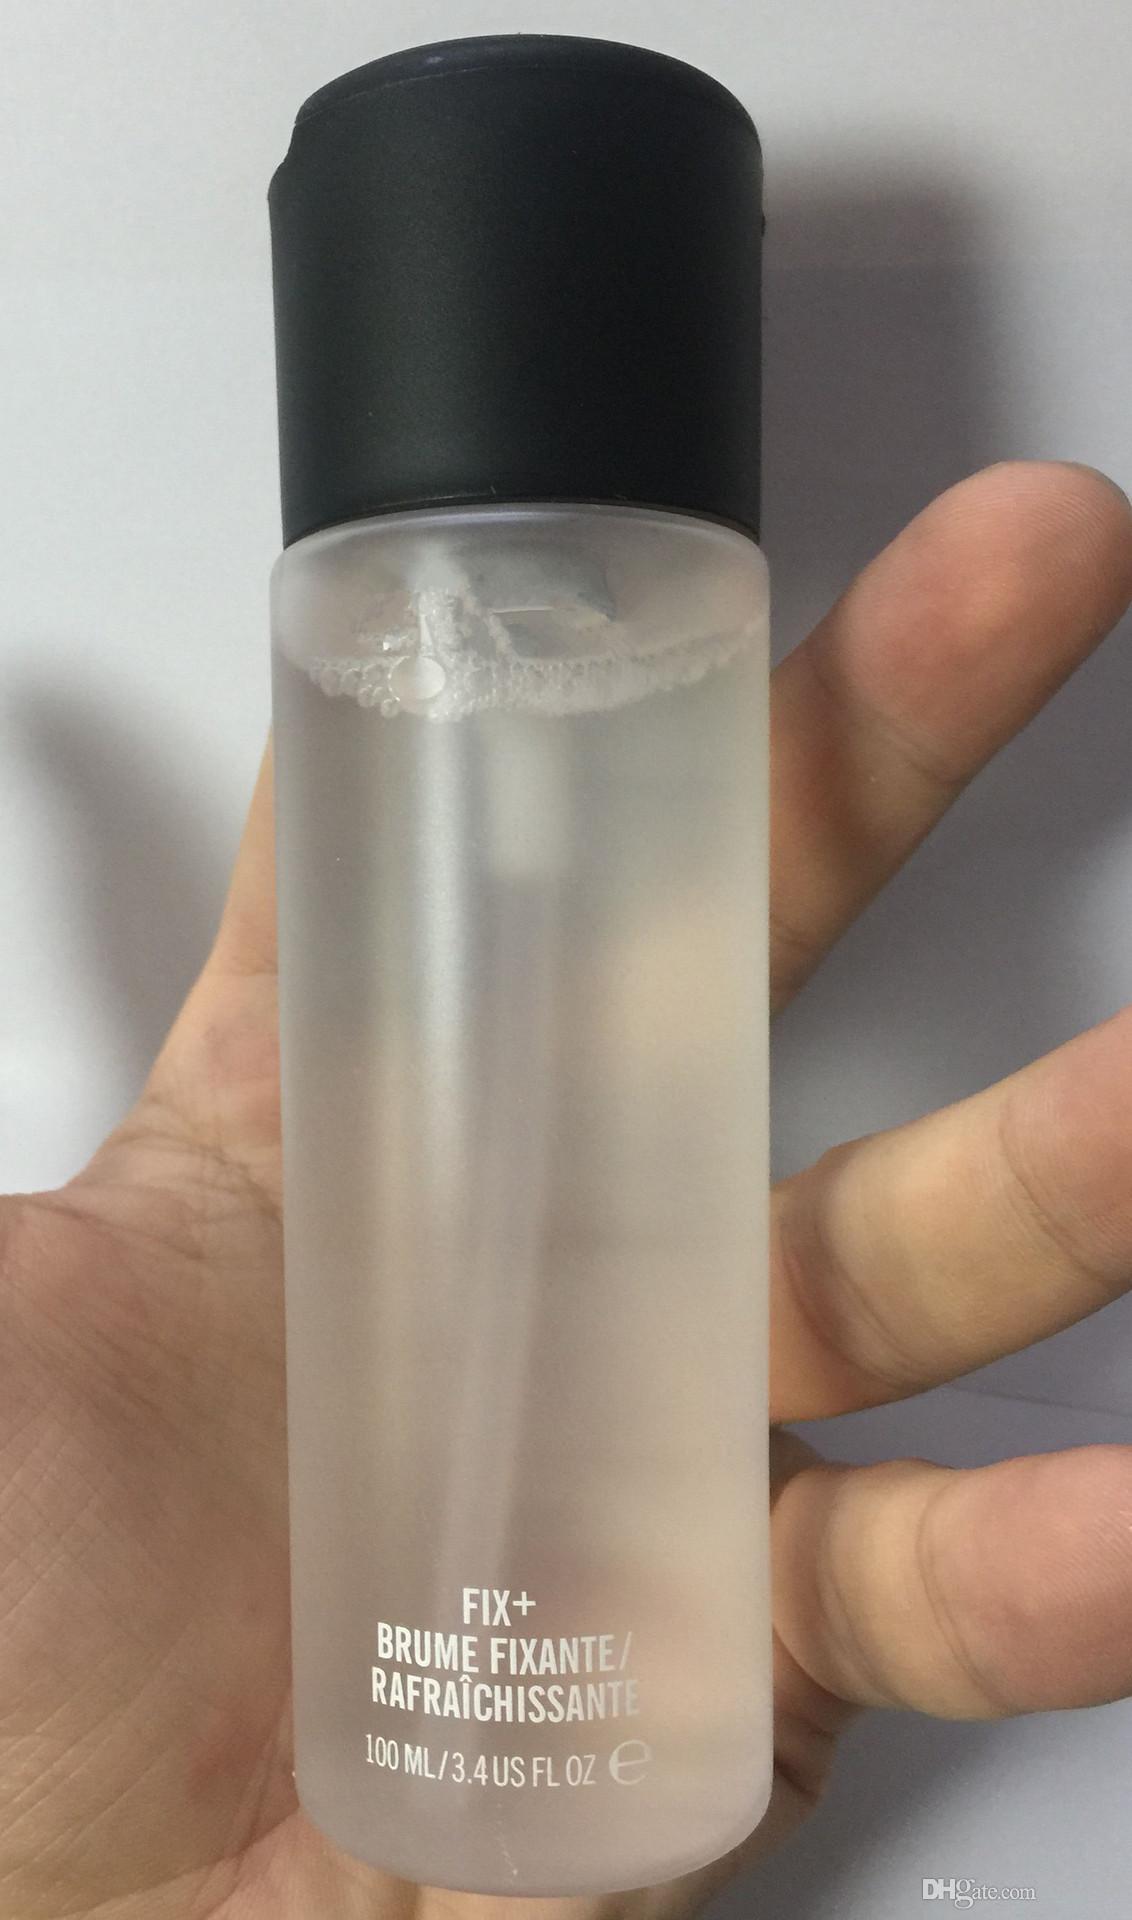 Trucco Prep Prime Fix BRUME FIXANTE / RAFRAICHISSANTE 100 ML Fissatore Finitura Ambiente Spray Silicone naturale a lunga durata Spedizione gratuita DHL